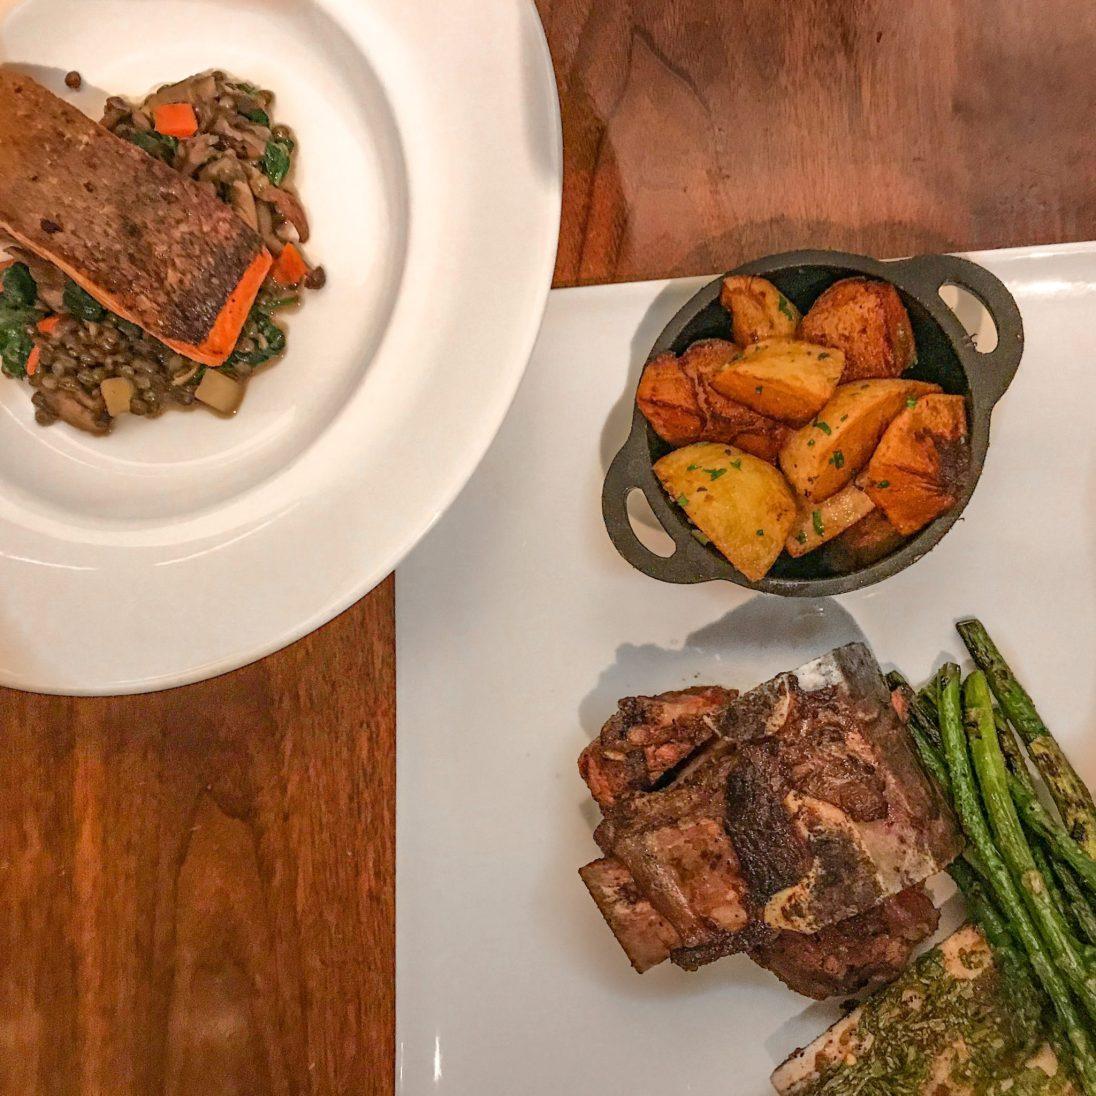 Atrio Restaurant - Conrad NYC - Main Courses